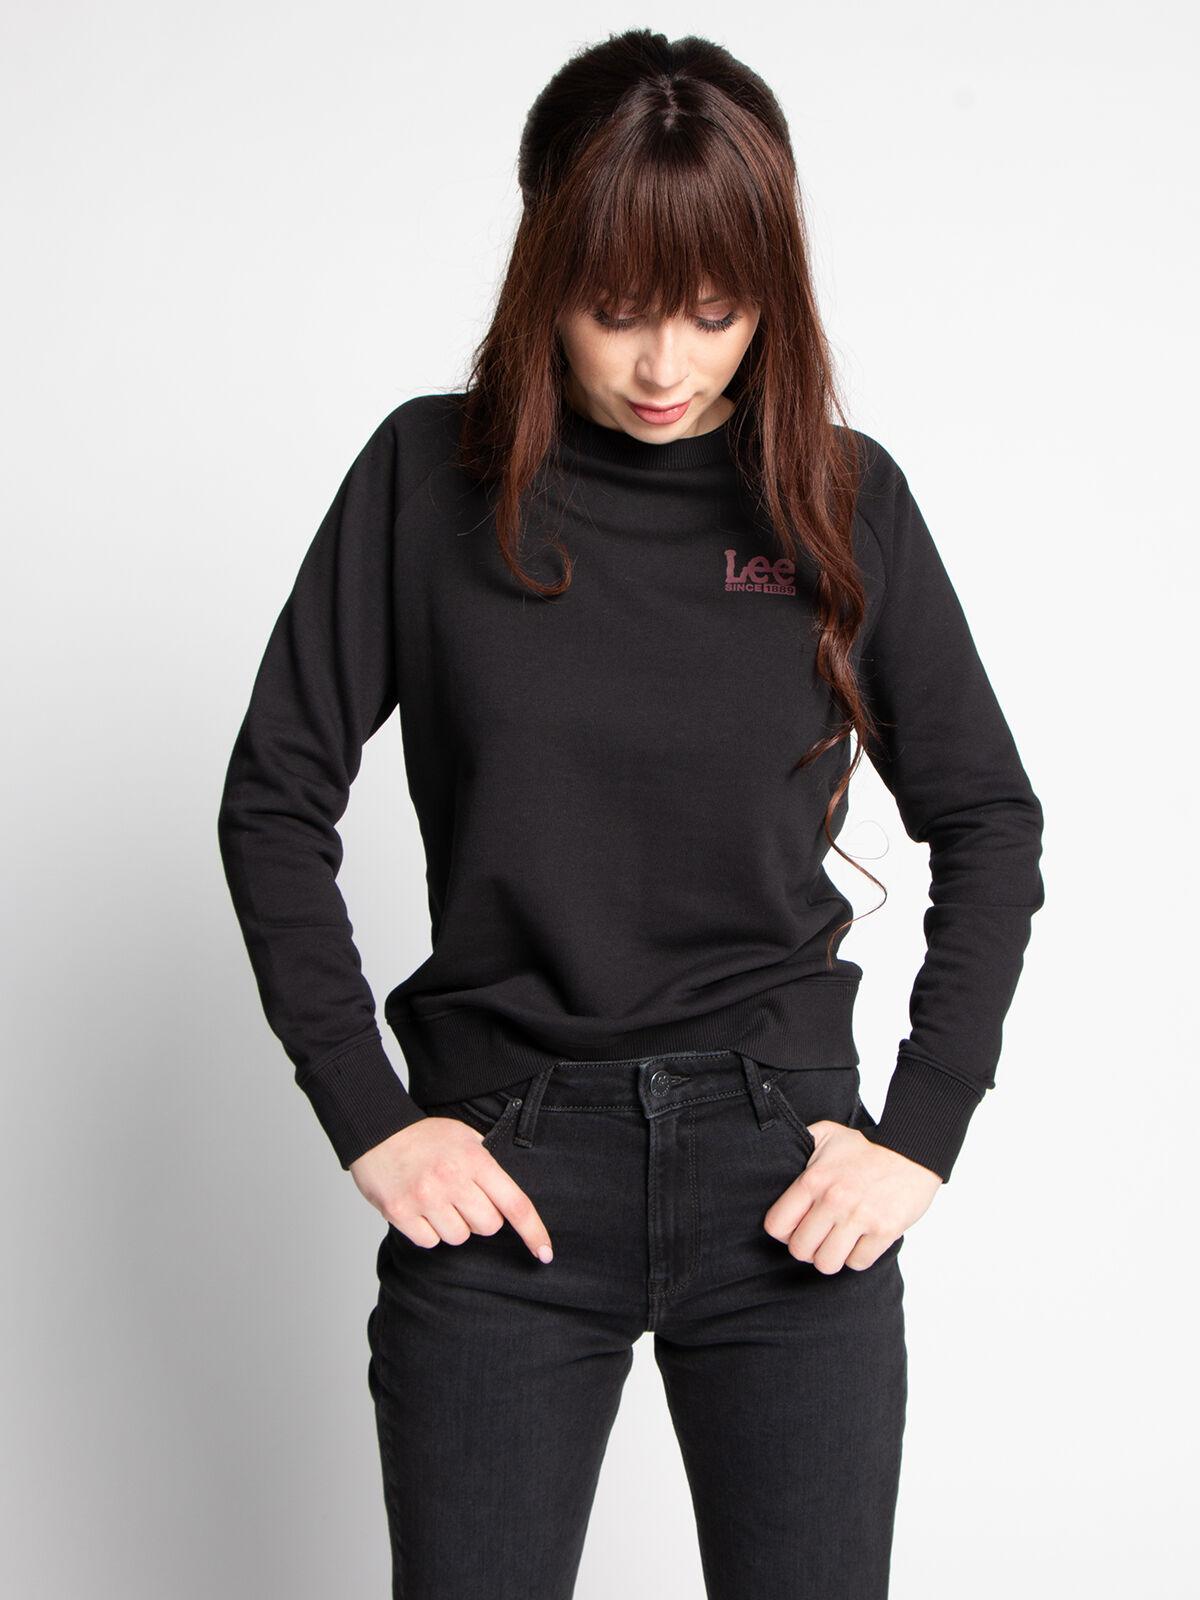 lee sweatshirt in schwarz für damem